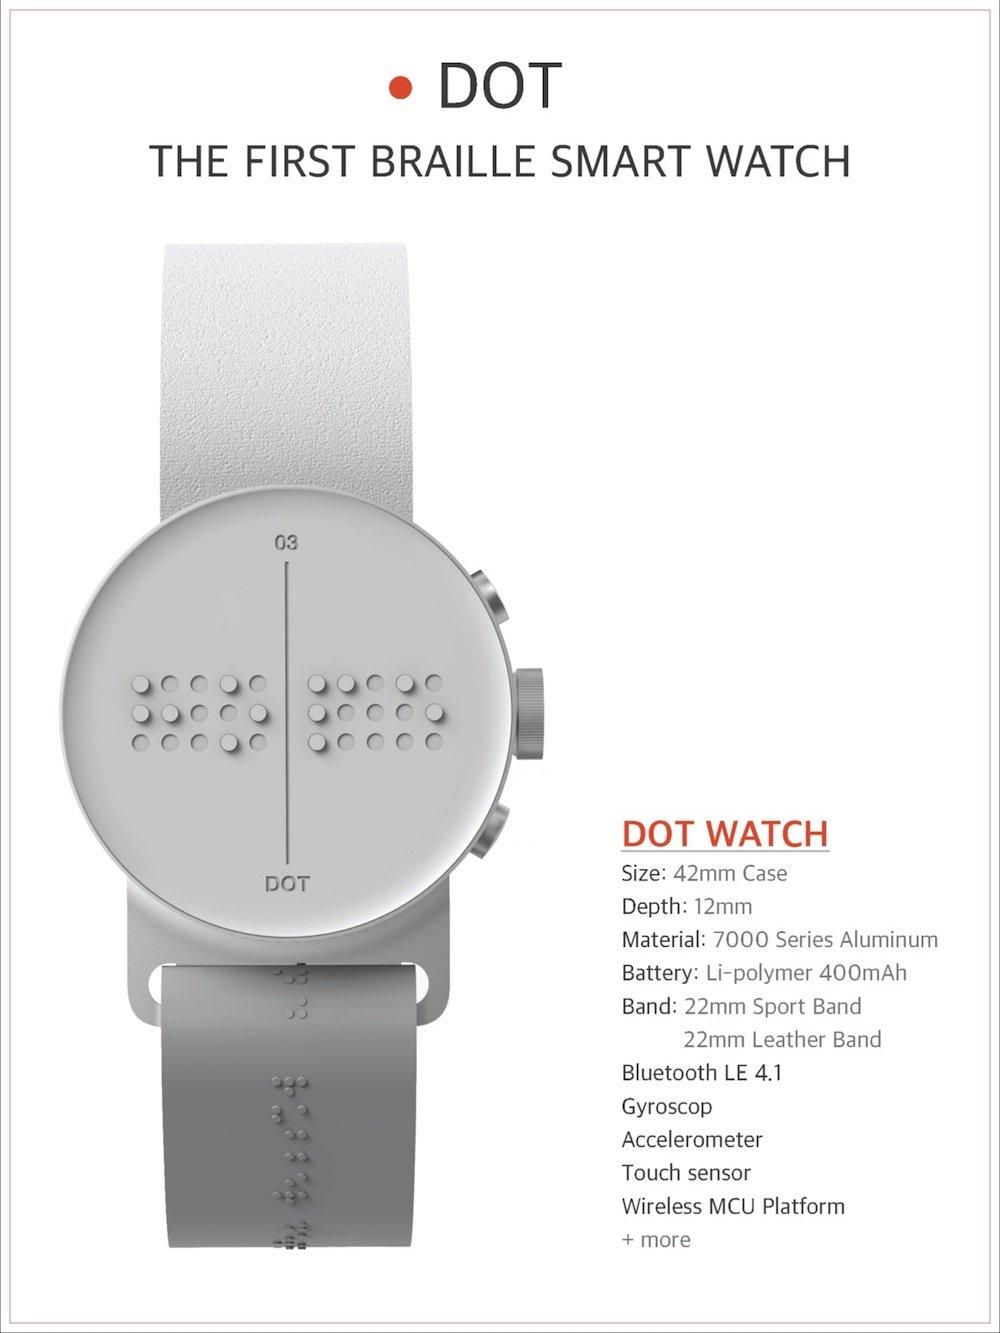 Die Daten zur Dot Watch auf einen Blick.